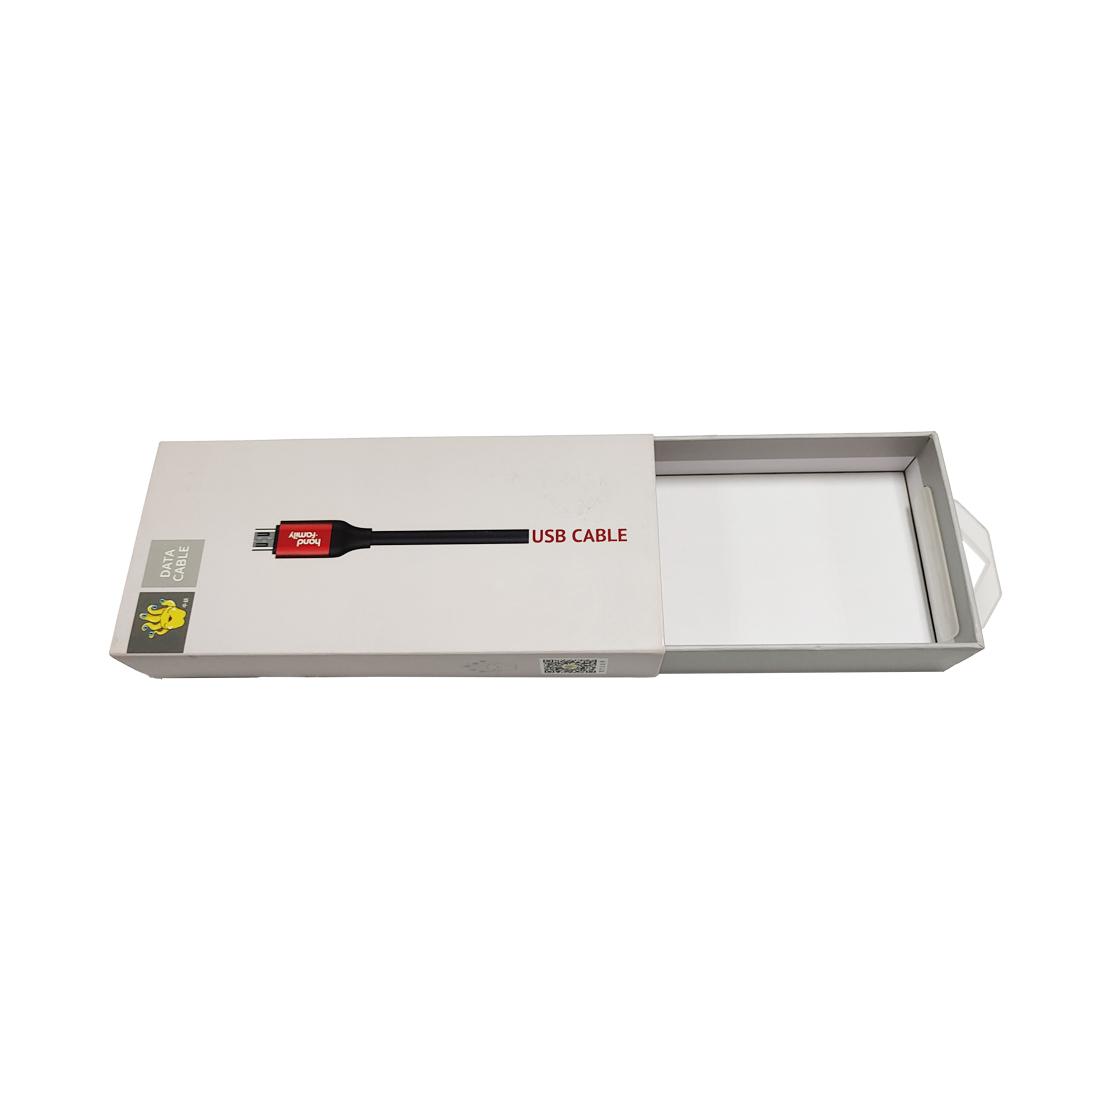 cina kilang pen kadbod borong khas Kertas Kotak Alat Tulis